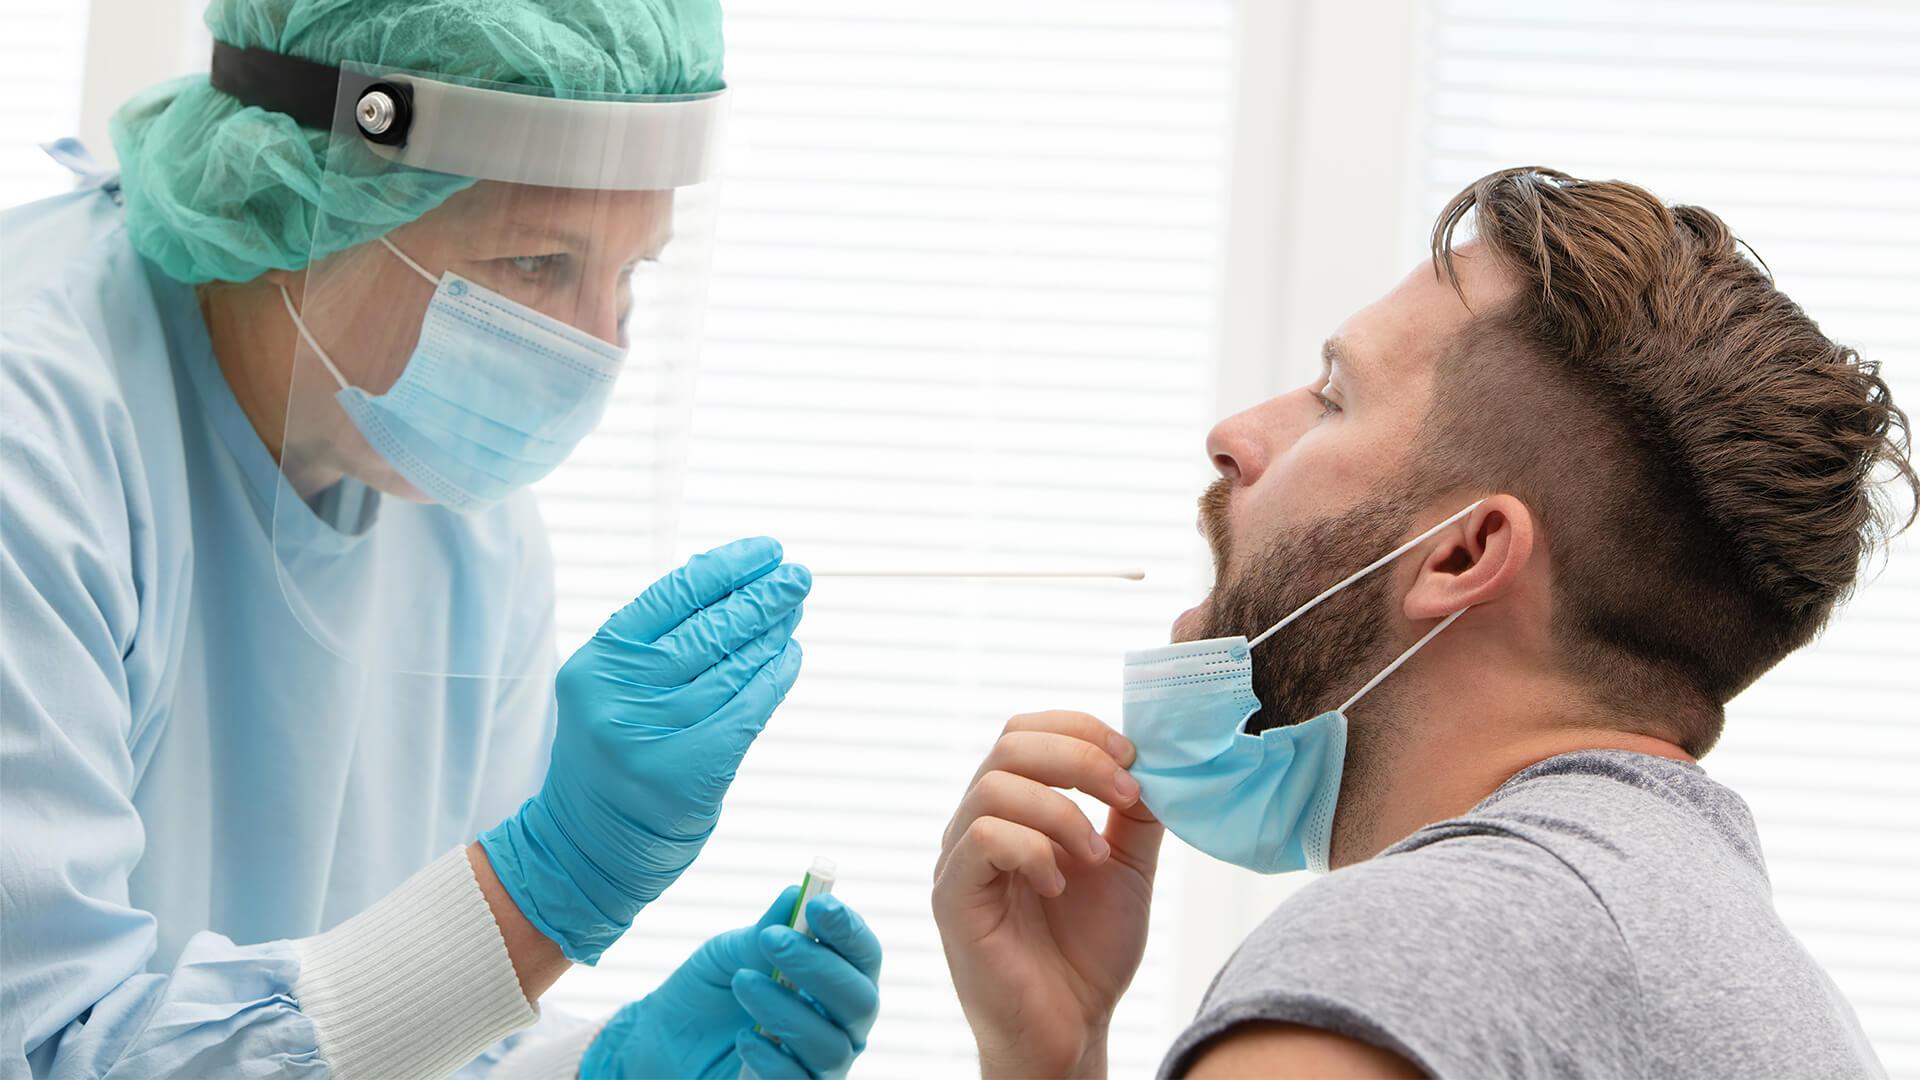 Zlecenie na badanie COVID-19. Lekarz pobiera wymaz do badania.